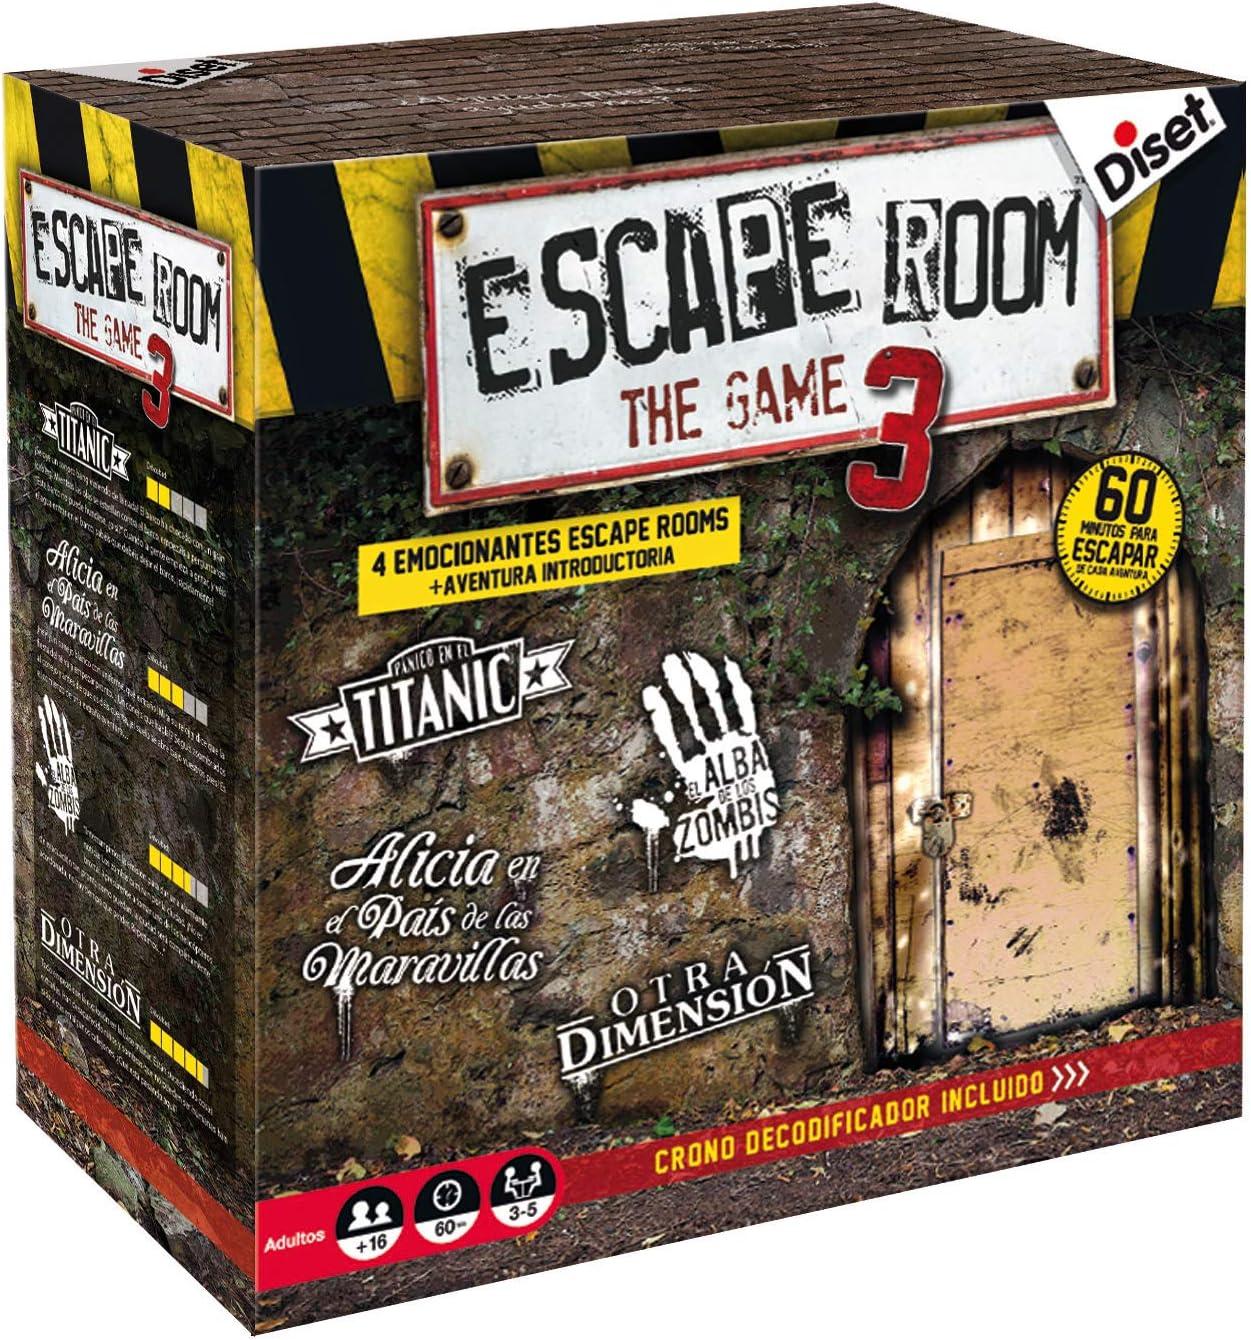 Diset - Escape Room the game 3 - Juego de mesa adulto a partir de 16 años: Amazon.es: Juguetes y juegos